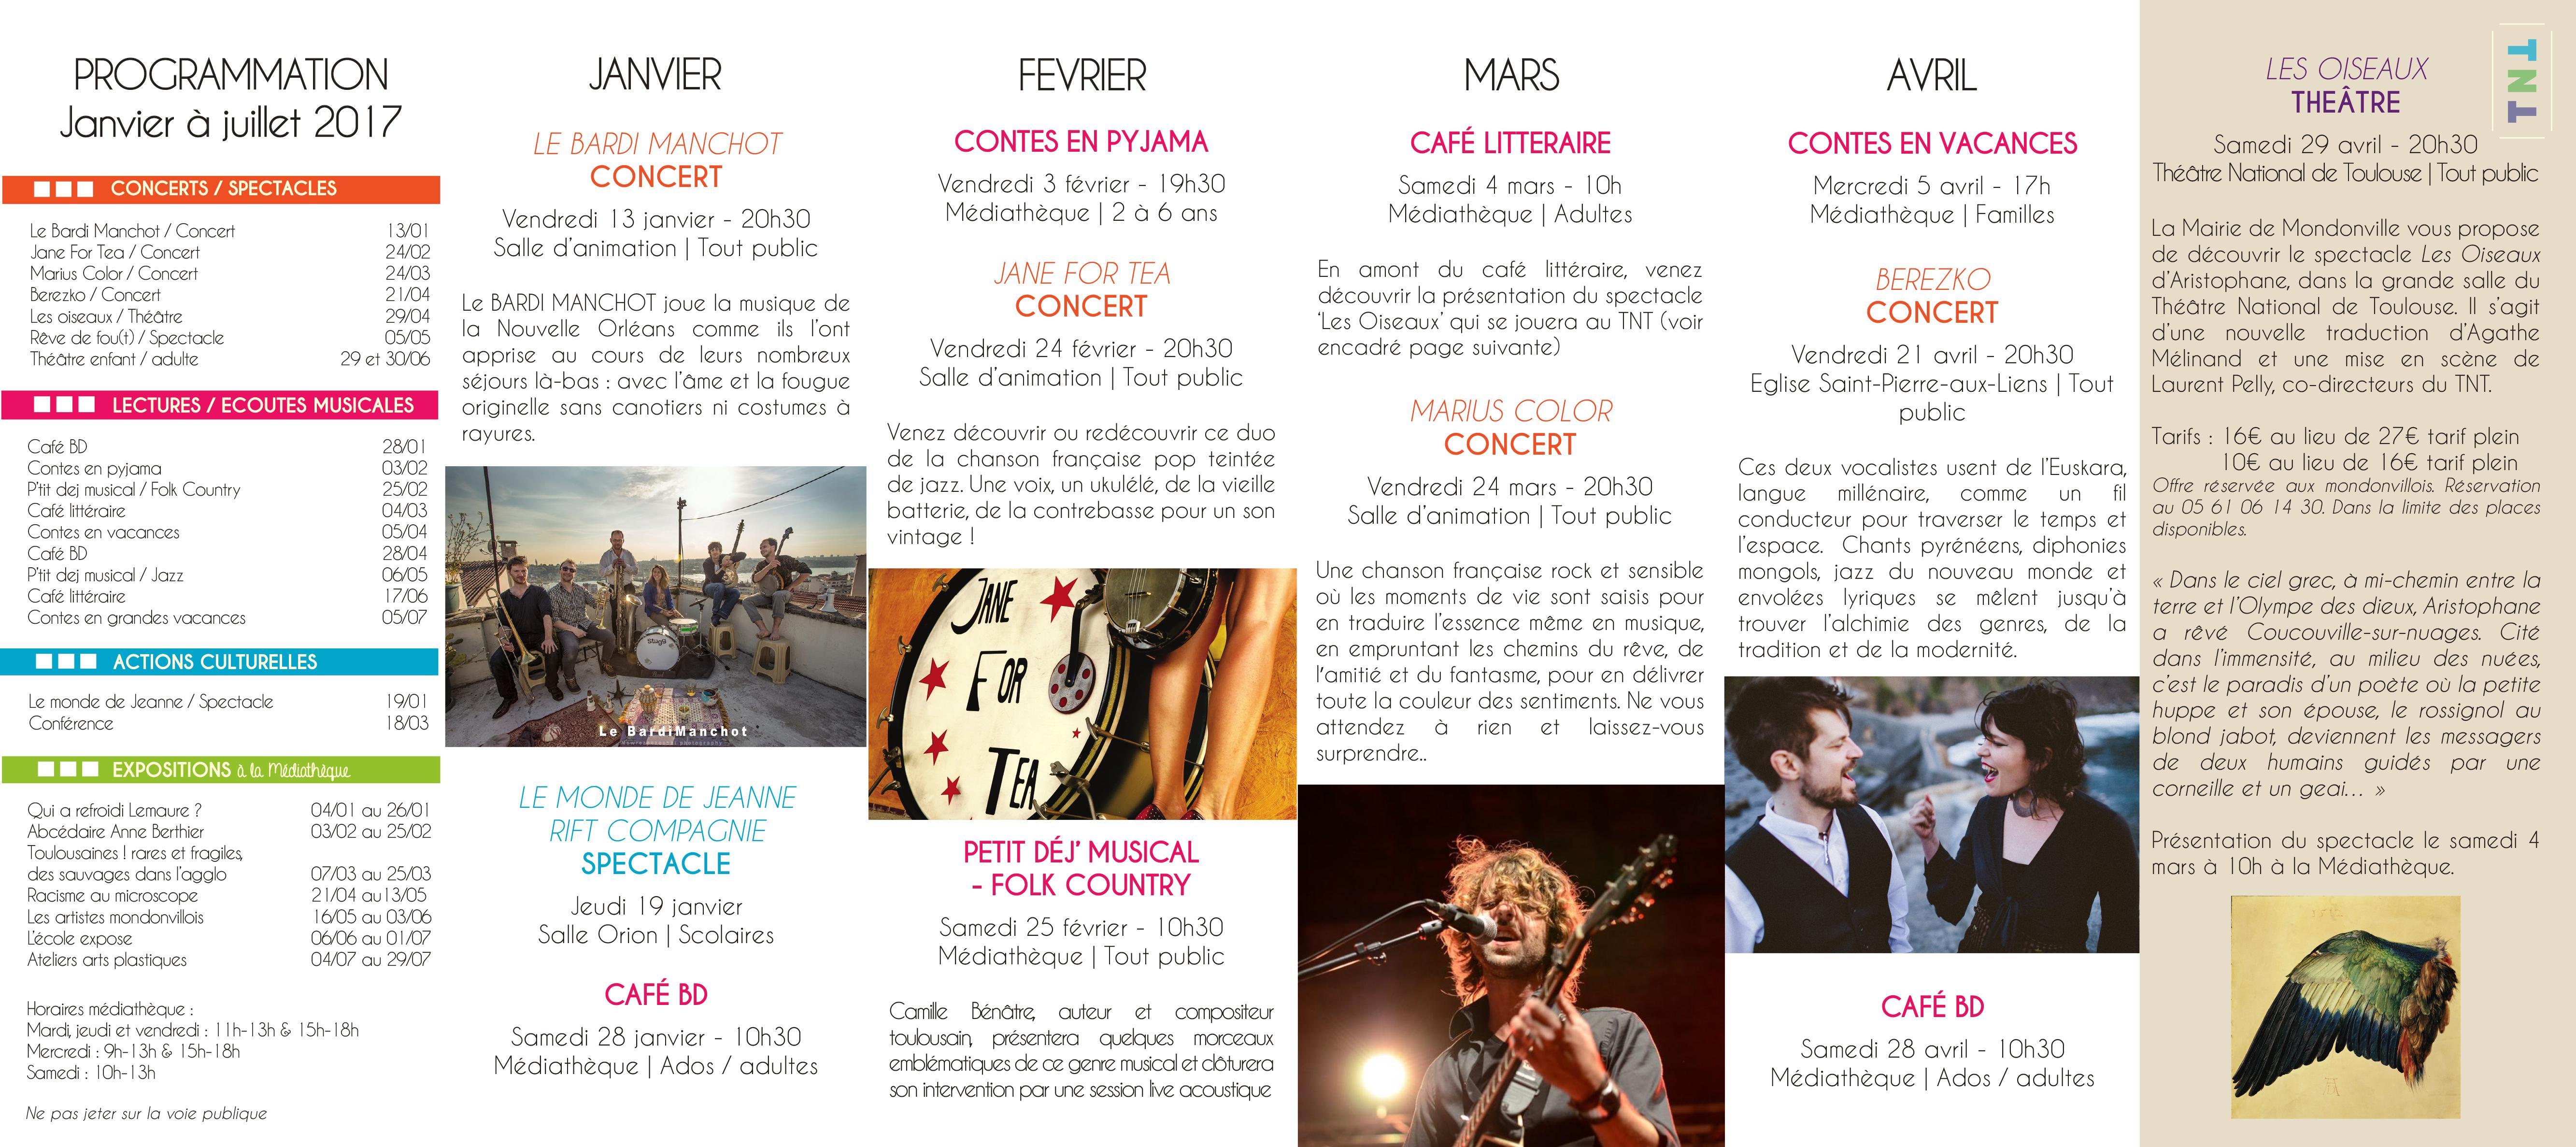 Programme-culturel-verso-15x20 2